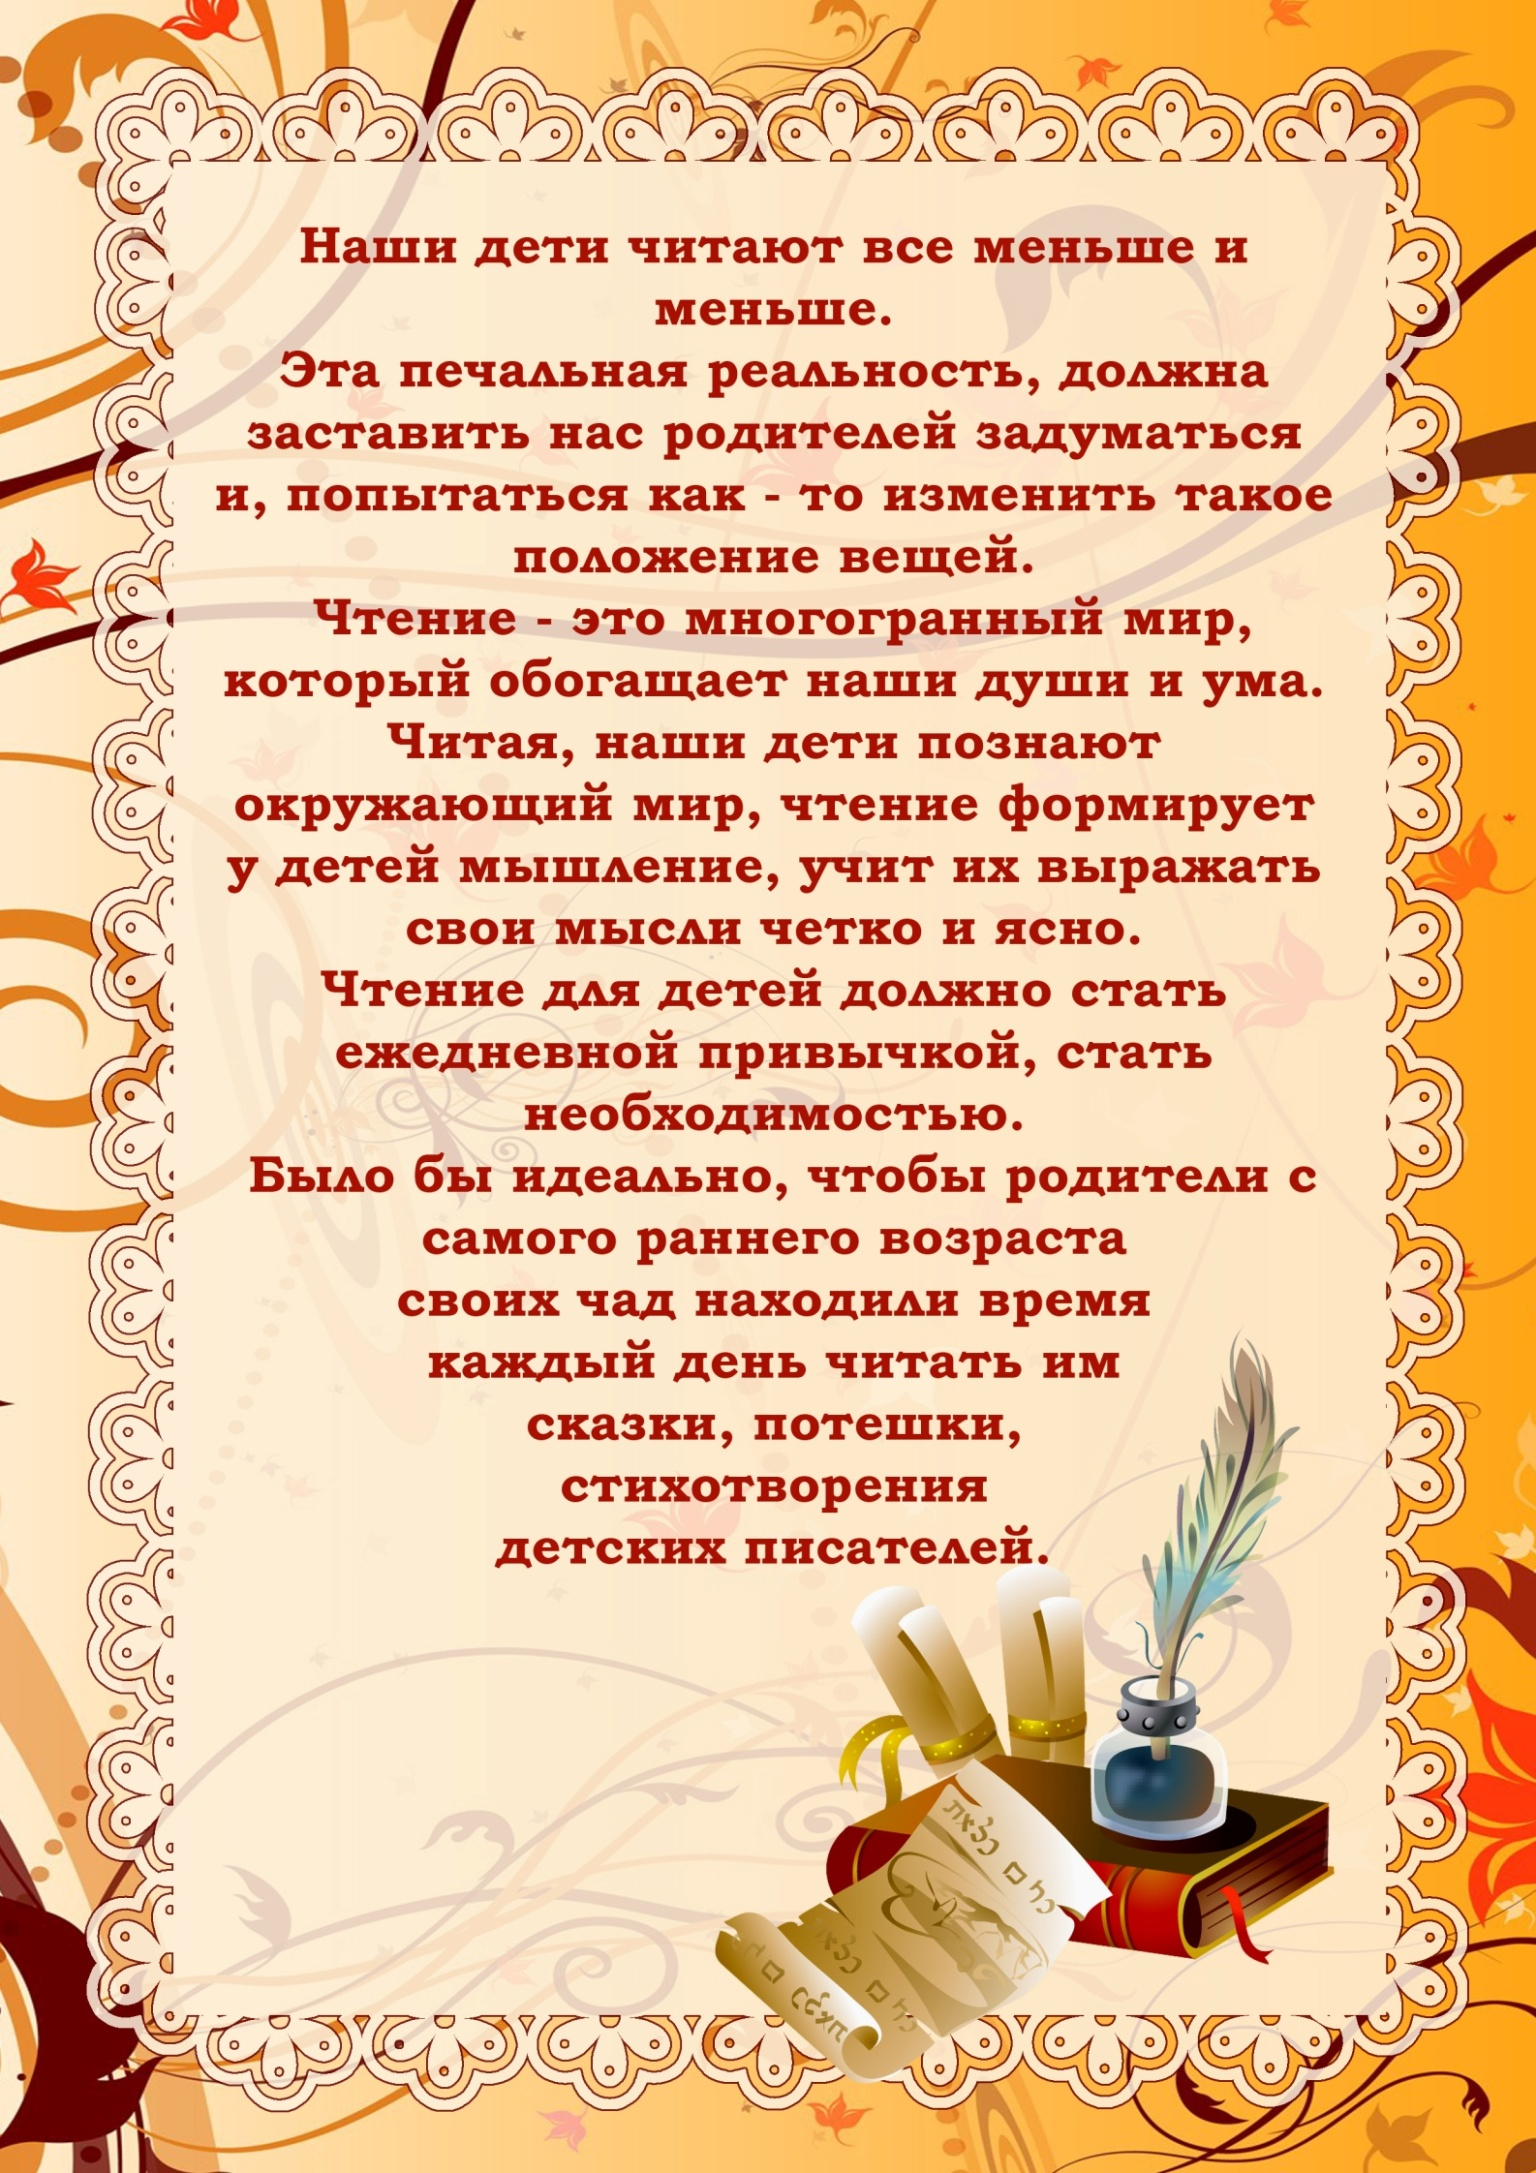 J:\материал к стране читалии\prevratim_chtenie_v_udovolstvie_1-2.jpg